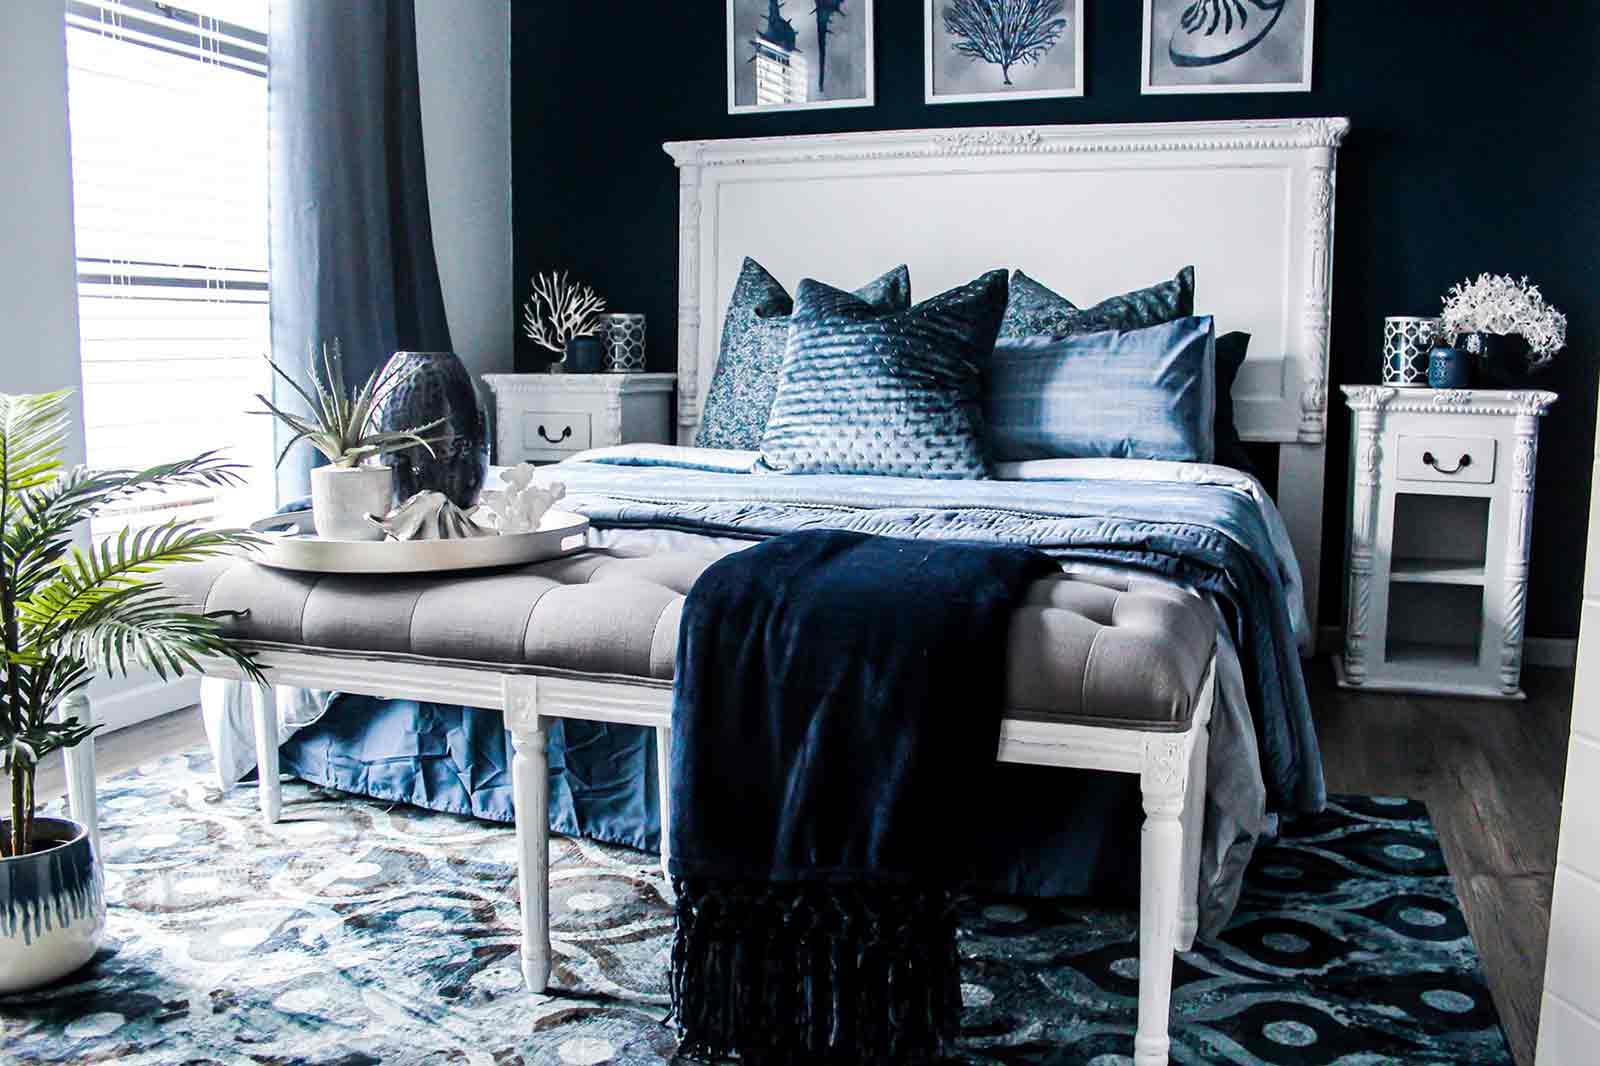 Dekorasi kamar tidur dengan aneka tekstur kain, foto oleh Devon Janse van Rensburg, via unsplash.com